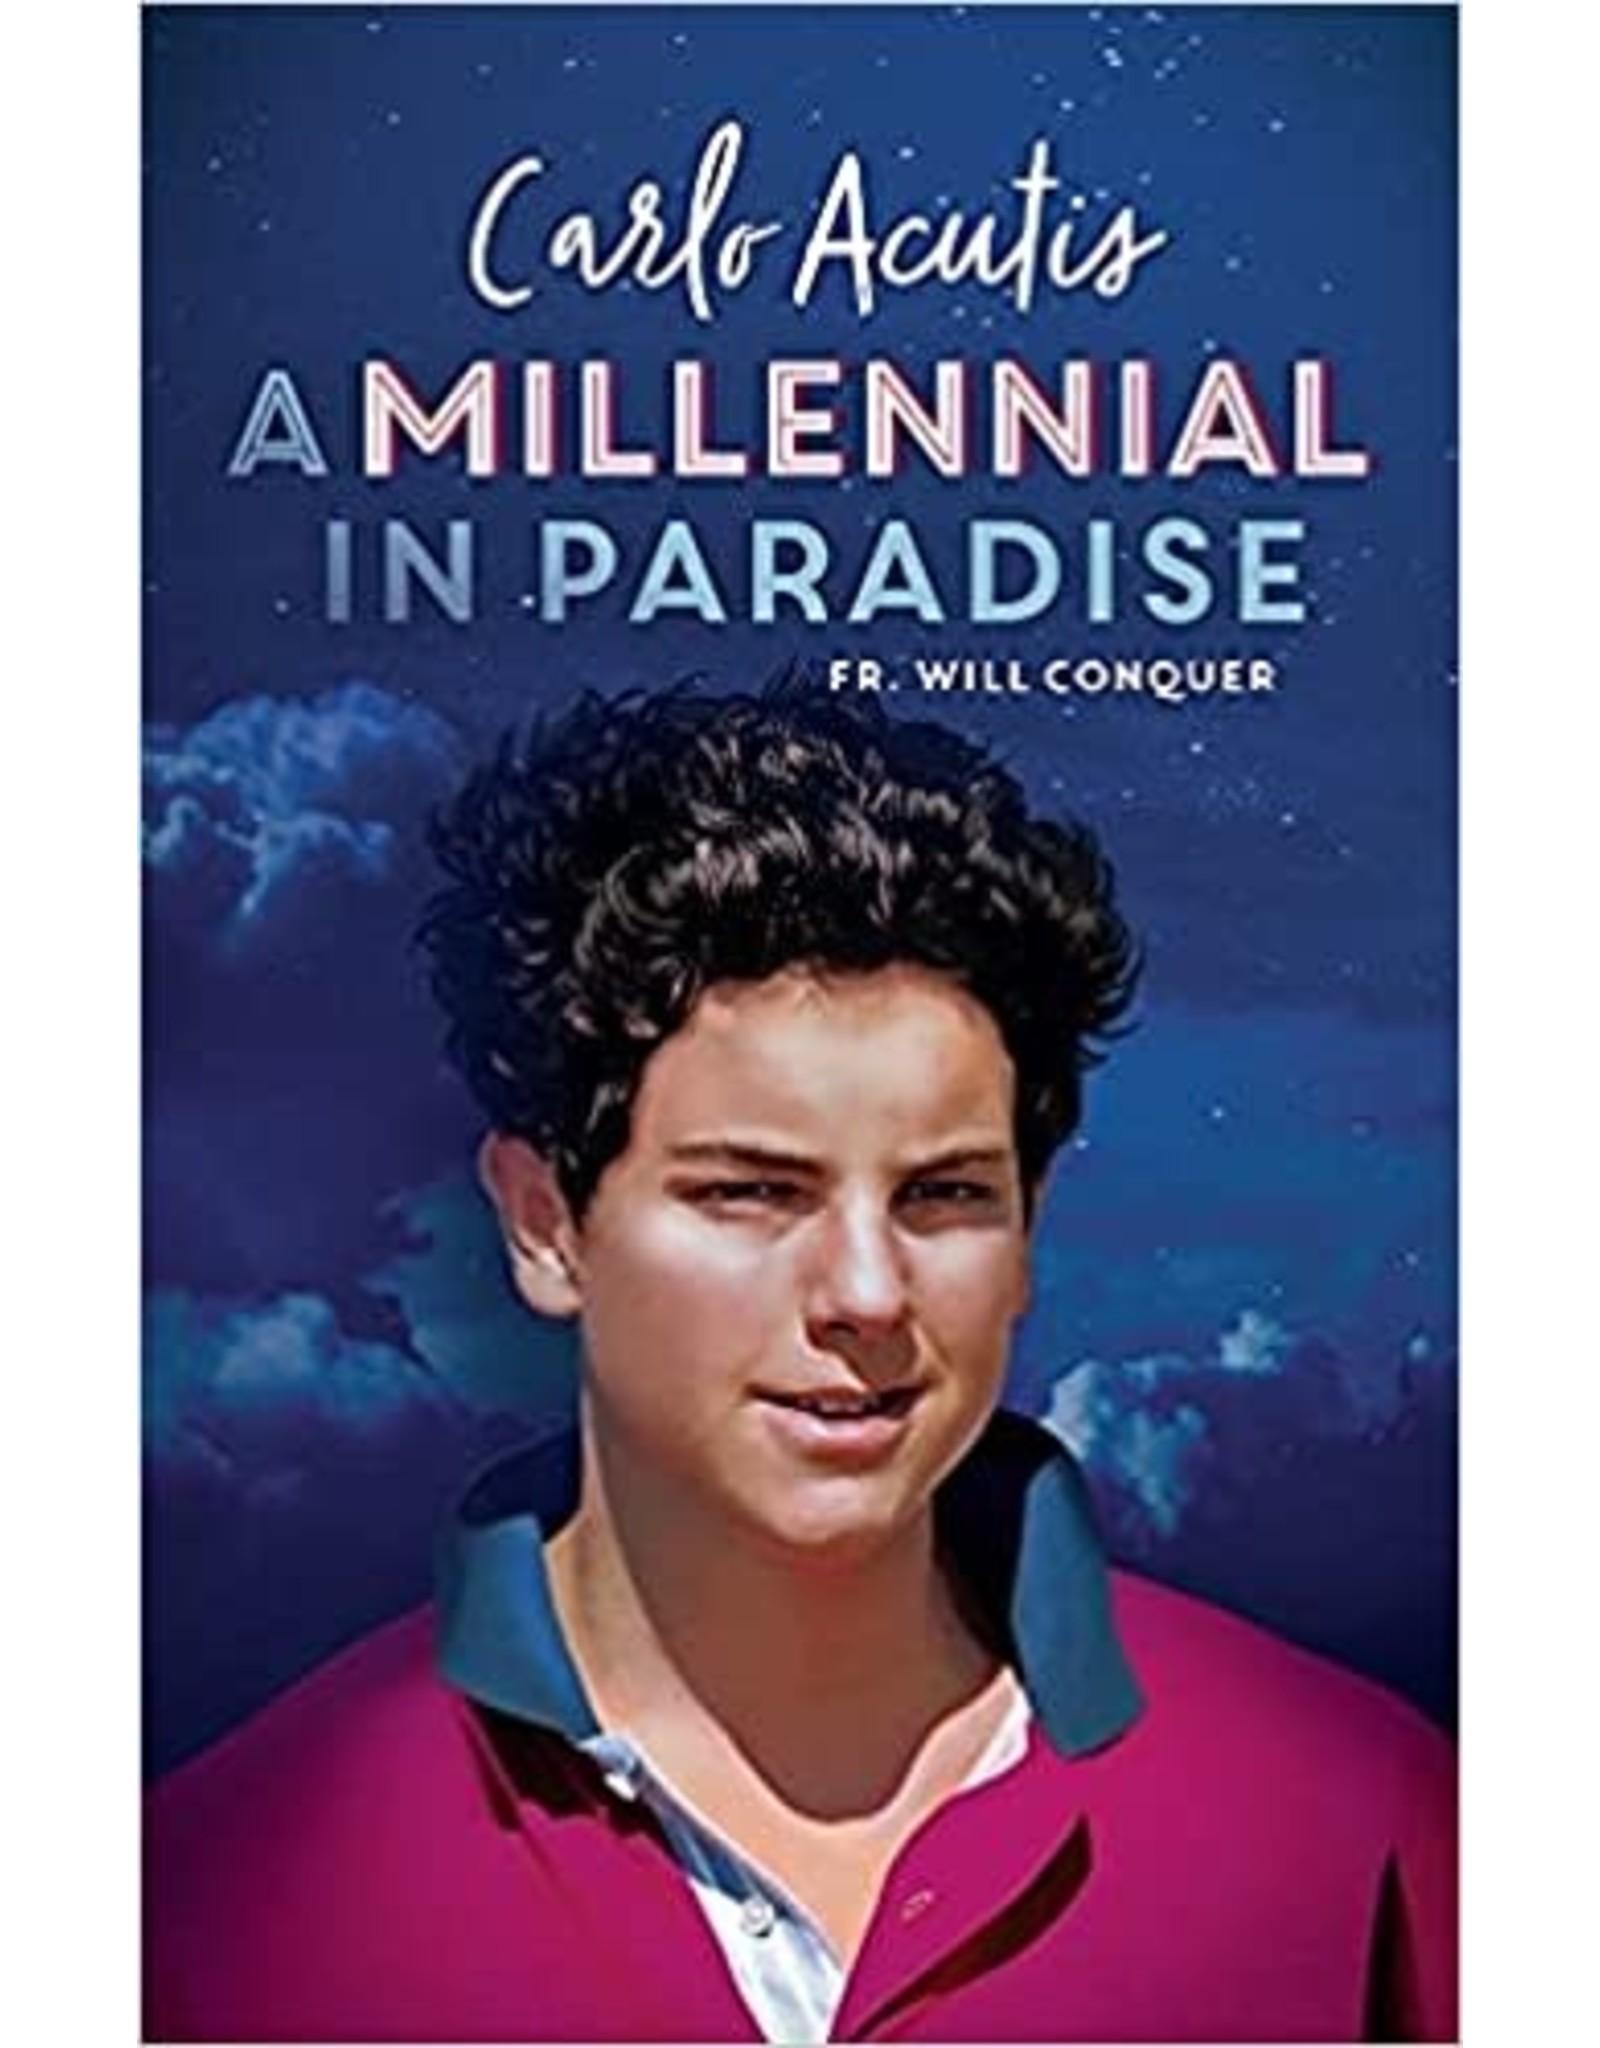 Carlo Acutis: A Millennial in Paradise